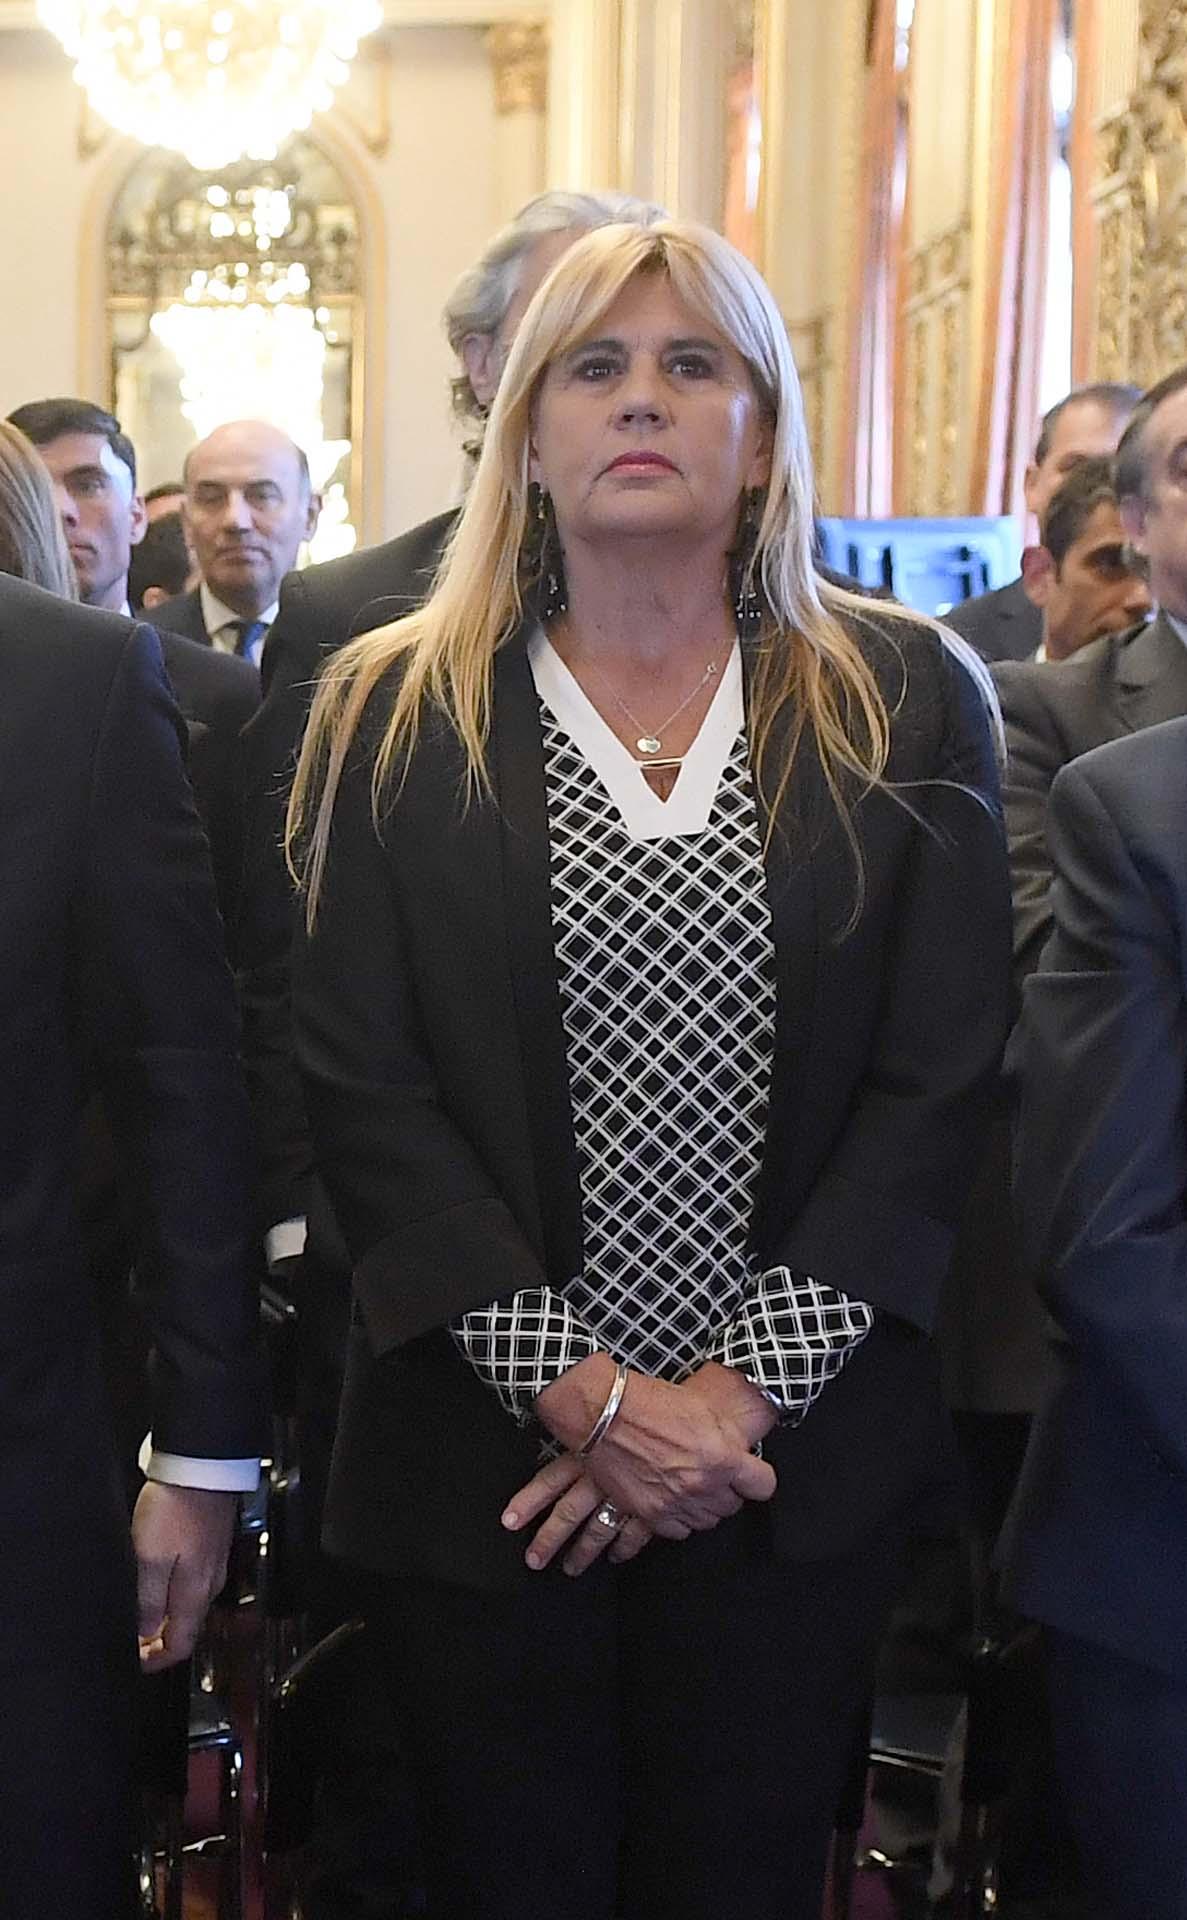 La abogada Marcelo Losardo y referente de Alberto Fernández en el área de Justicia, en primera fila.